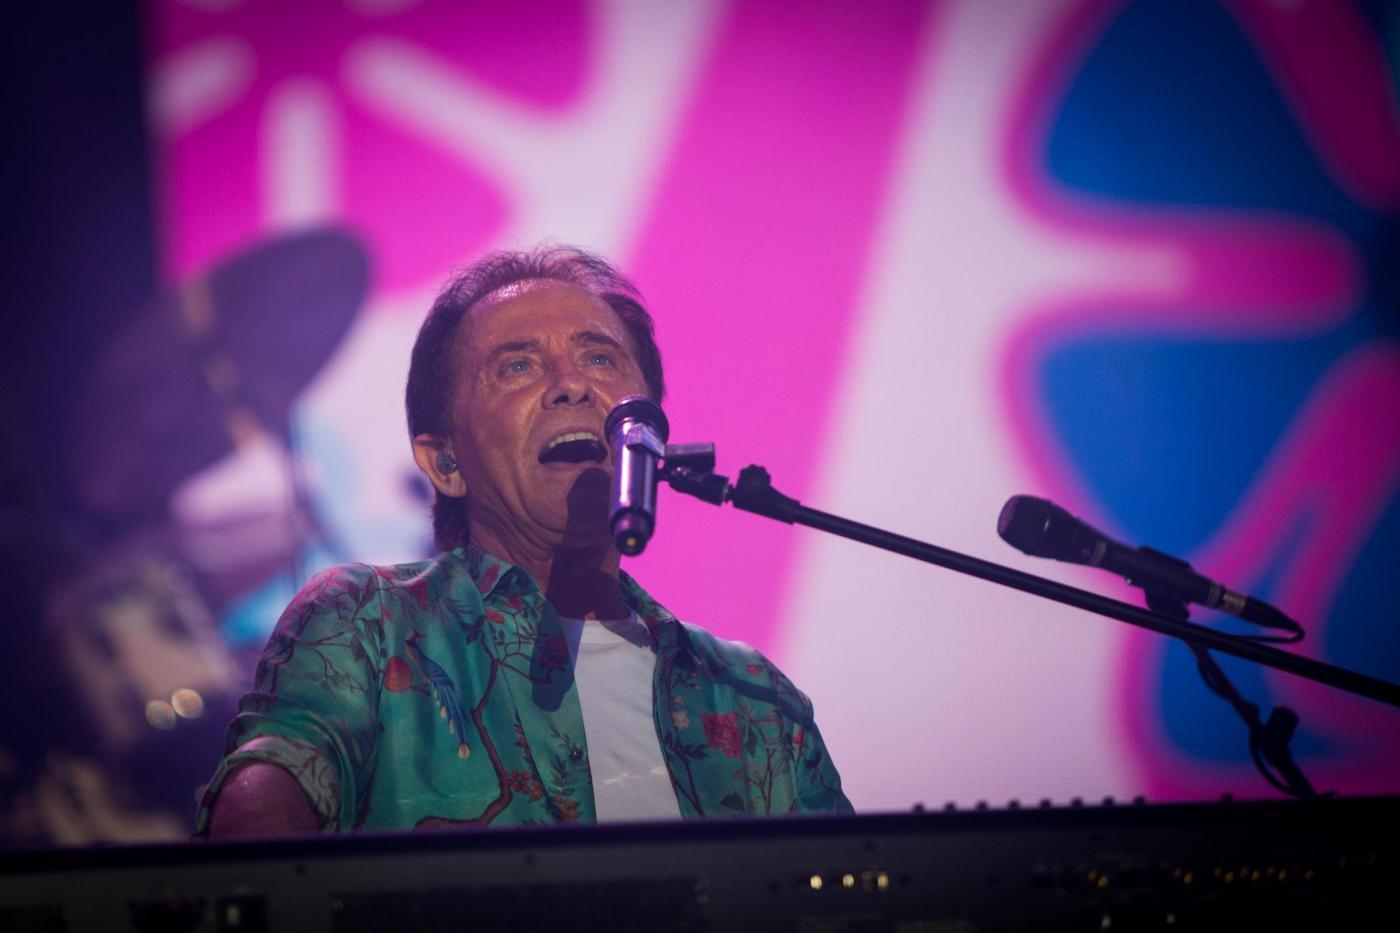 Roby Facchinetti canta per la sua Bergamo e fa 9 milioni di visualizzazioni (VIDEO)